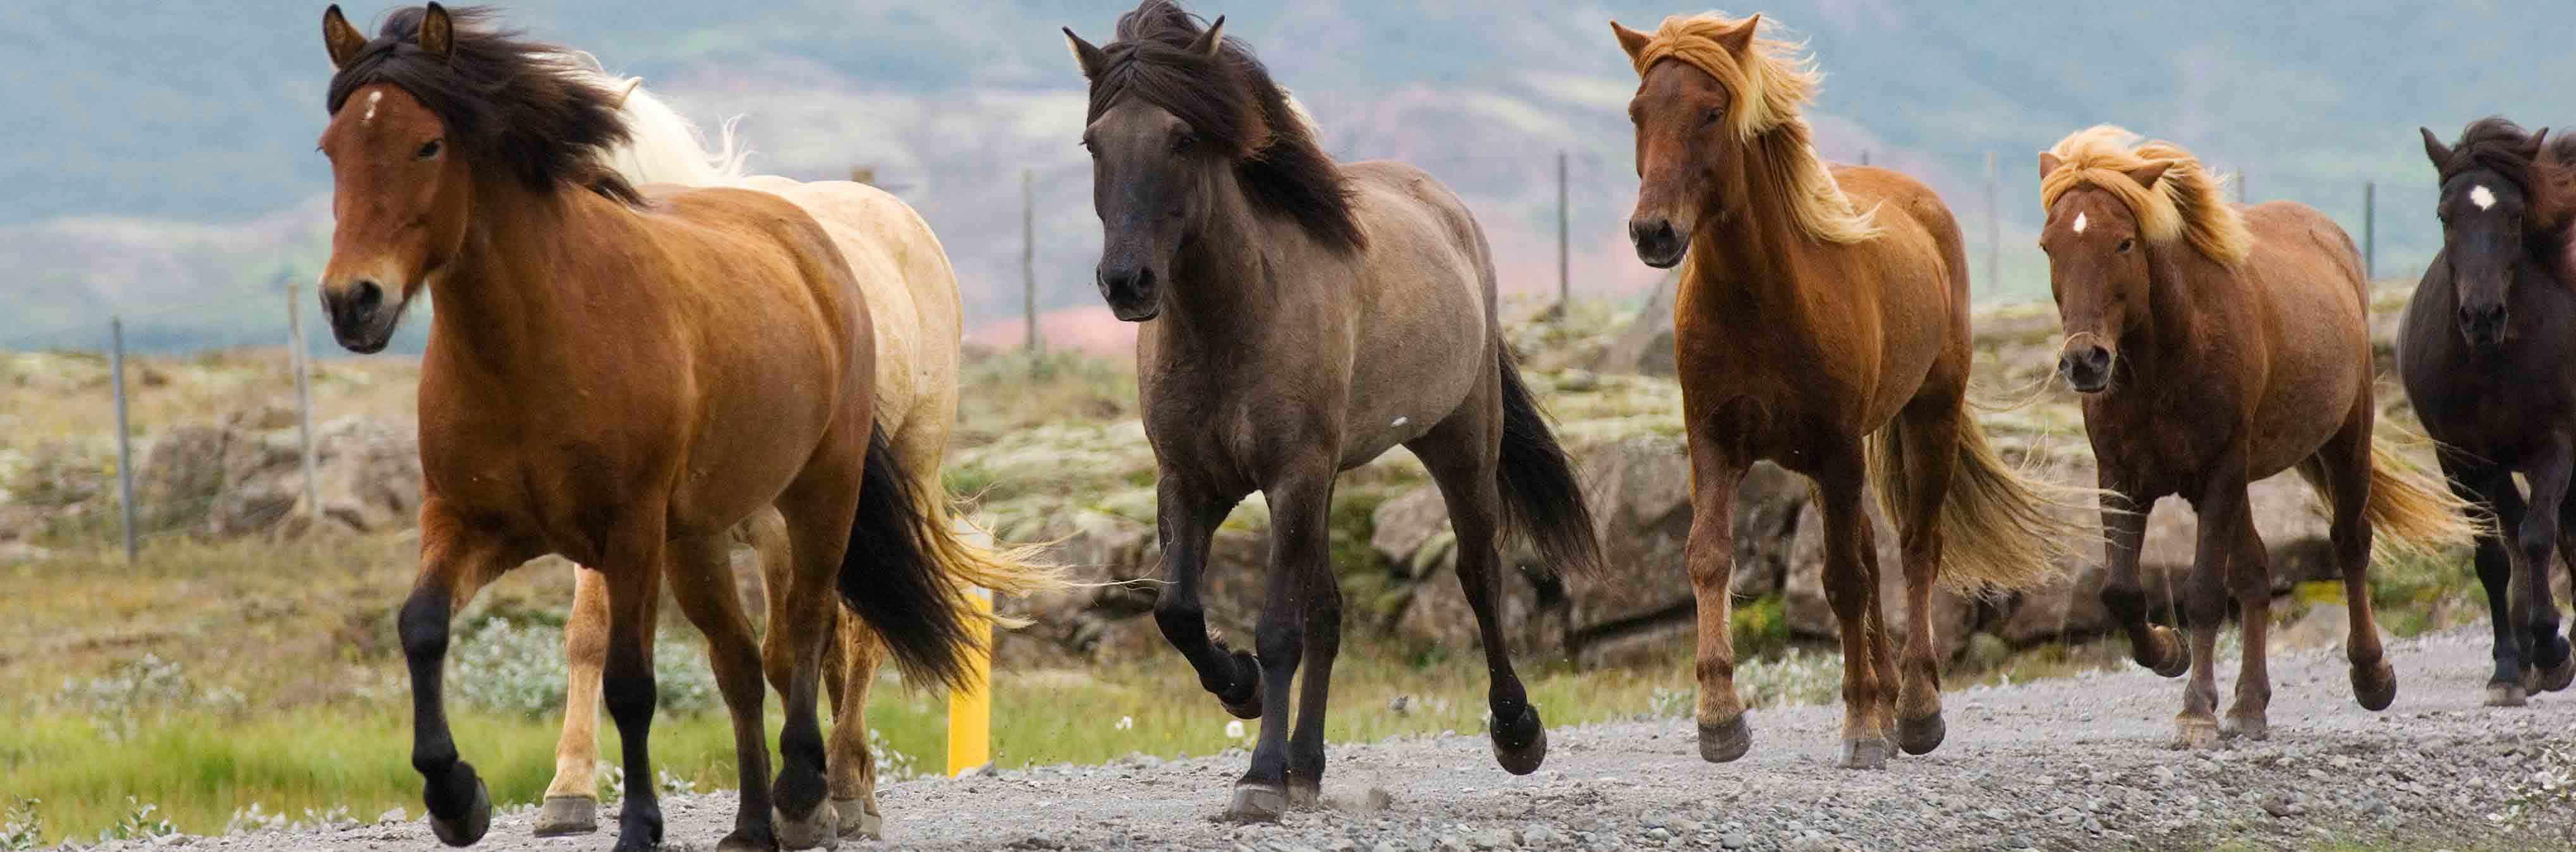 la magnifique lign e des chevaux islandais ces chevaux du nord. Black Bedroom Furniture Sets. Home Design Ideas